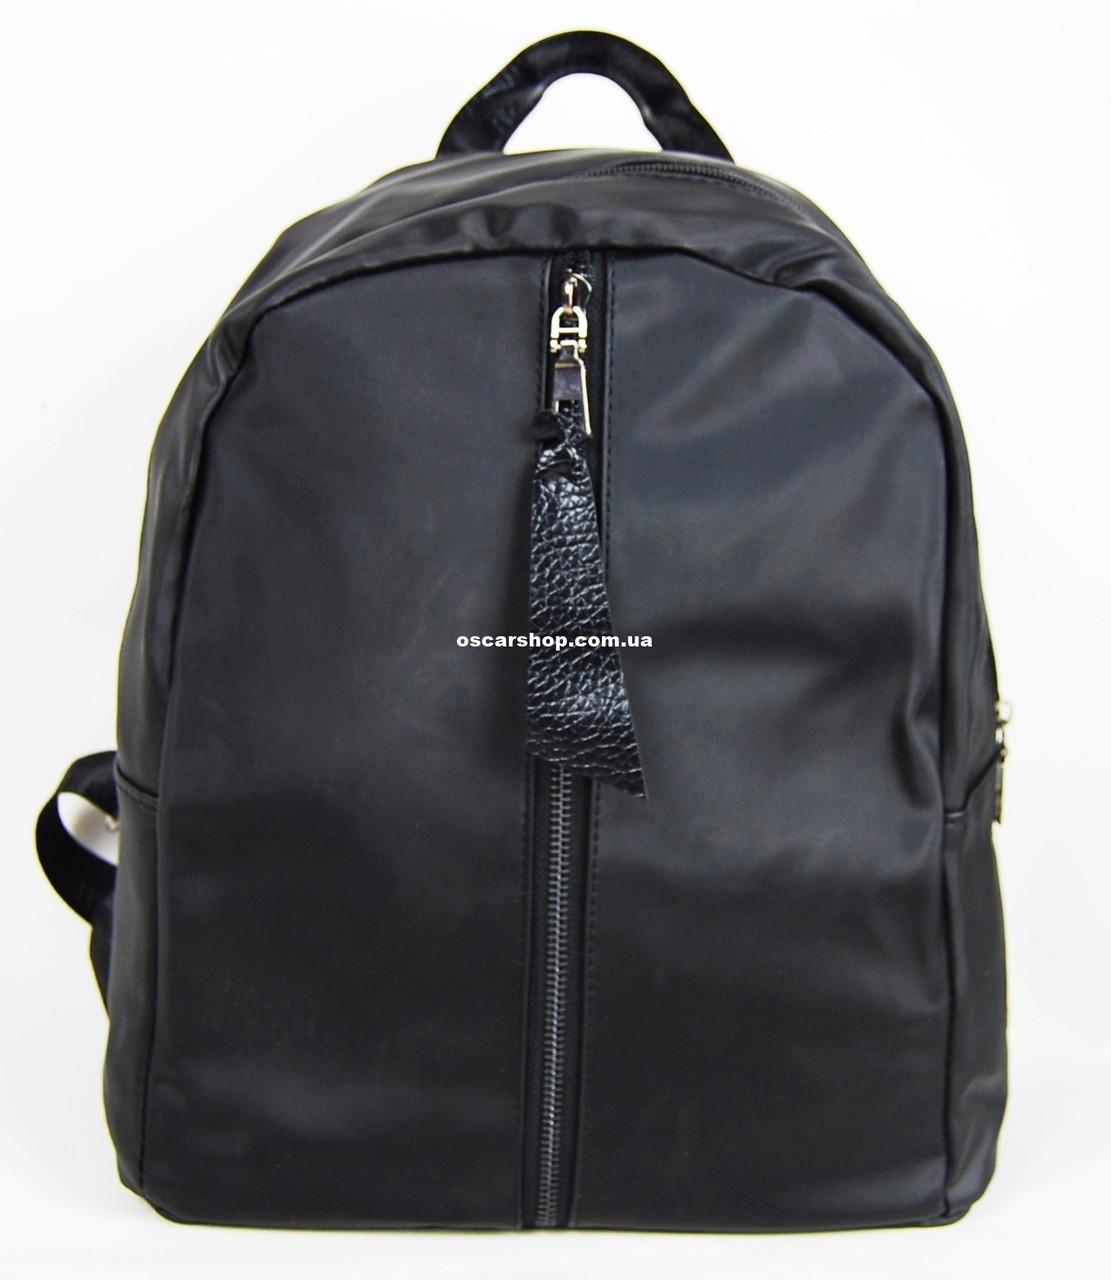 5231dac3ae78 Мини женский рюкзак. Женская сумка портфель из нейлона. СР03 ...